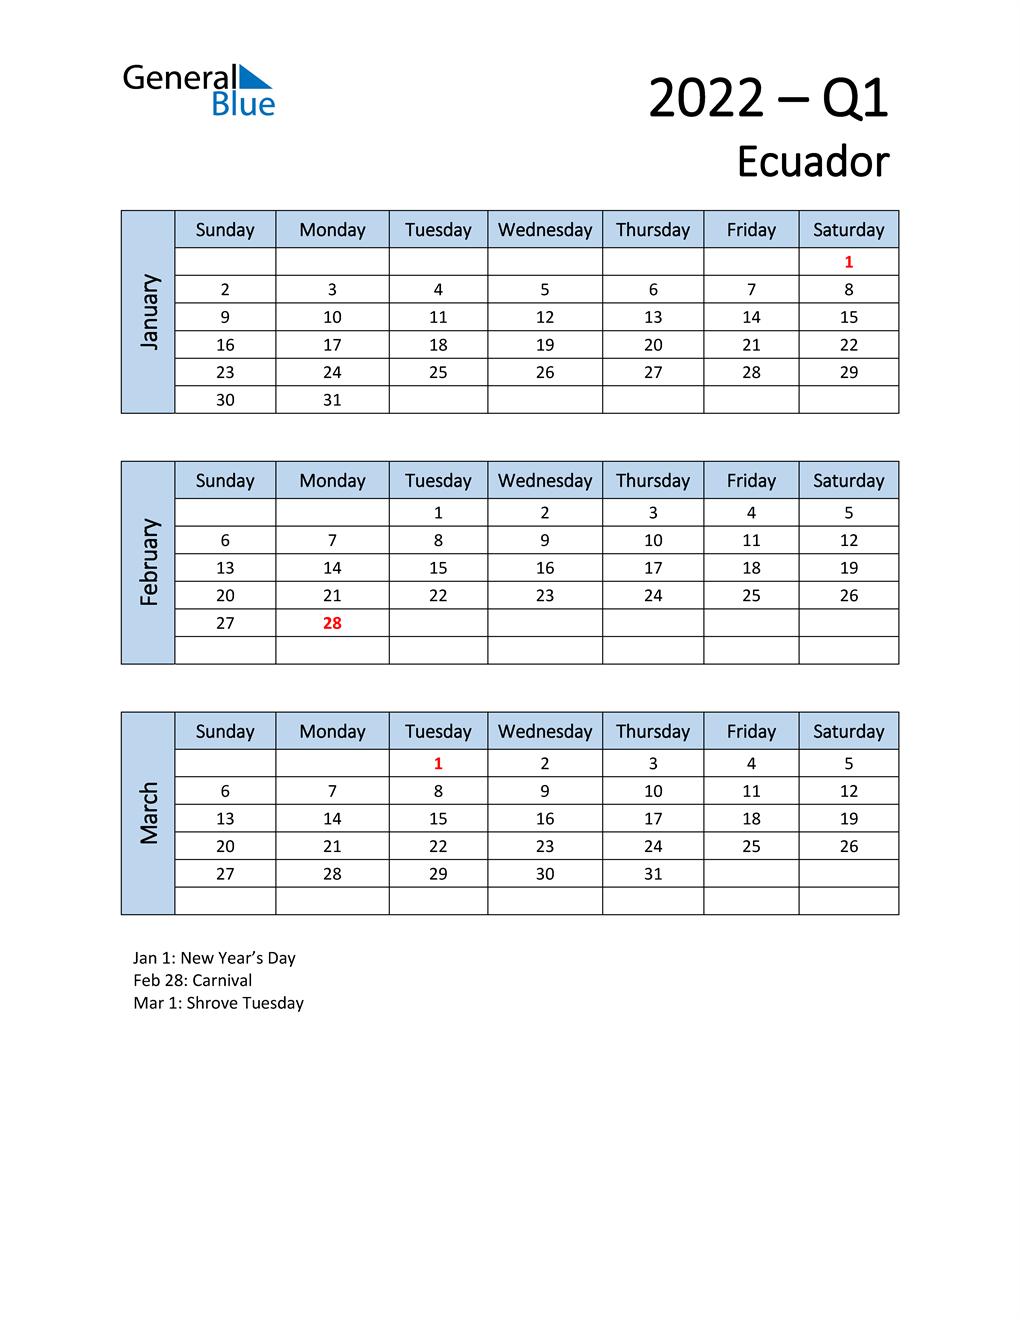 Free Q1 2022 Calendar for Ecuador